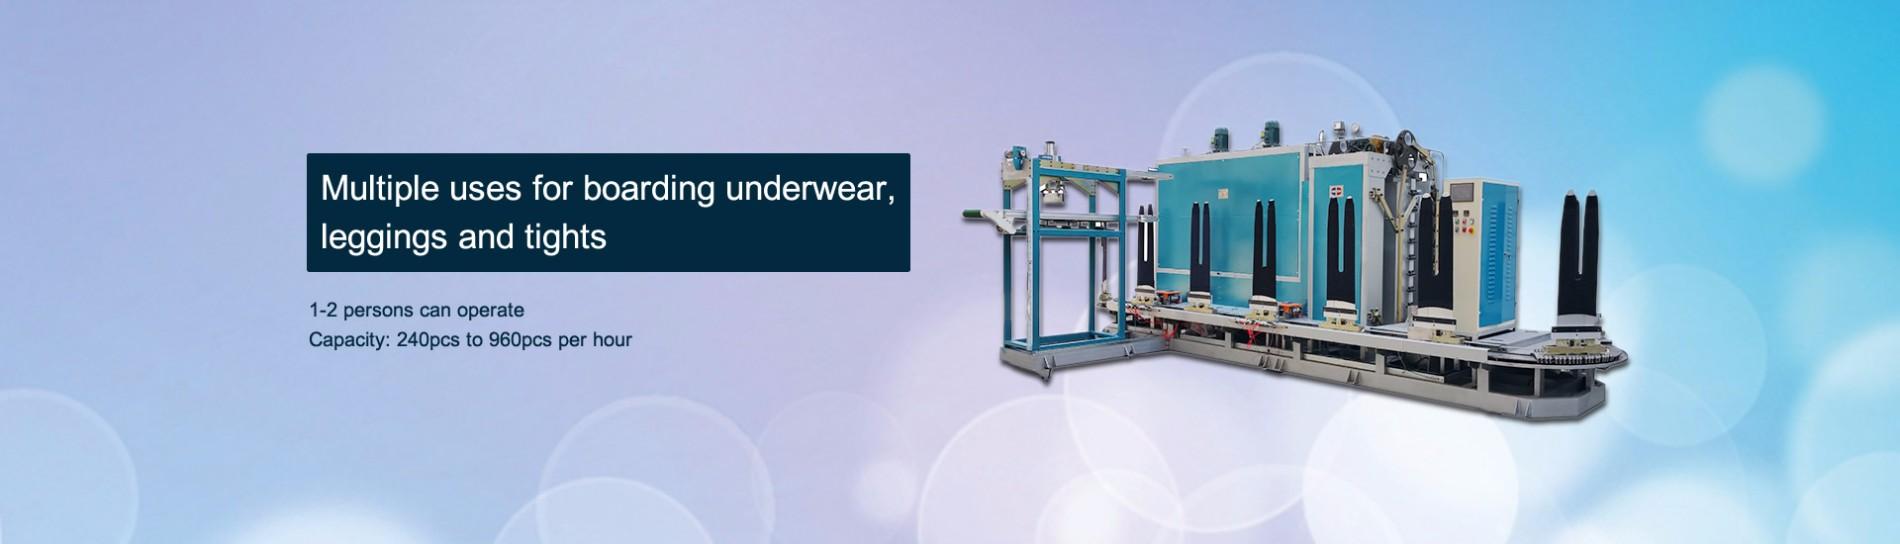 Boarding Machine For Underwear